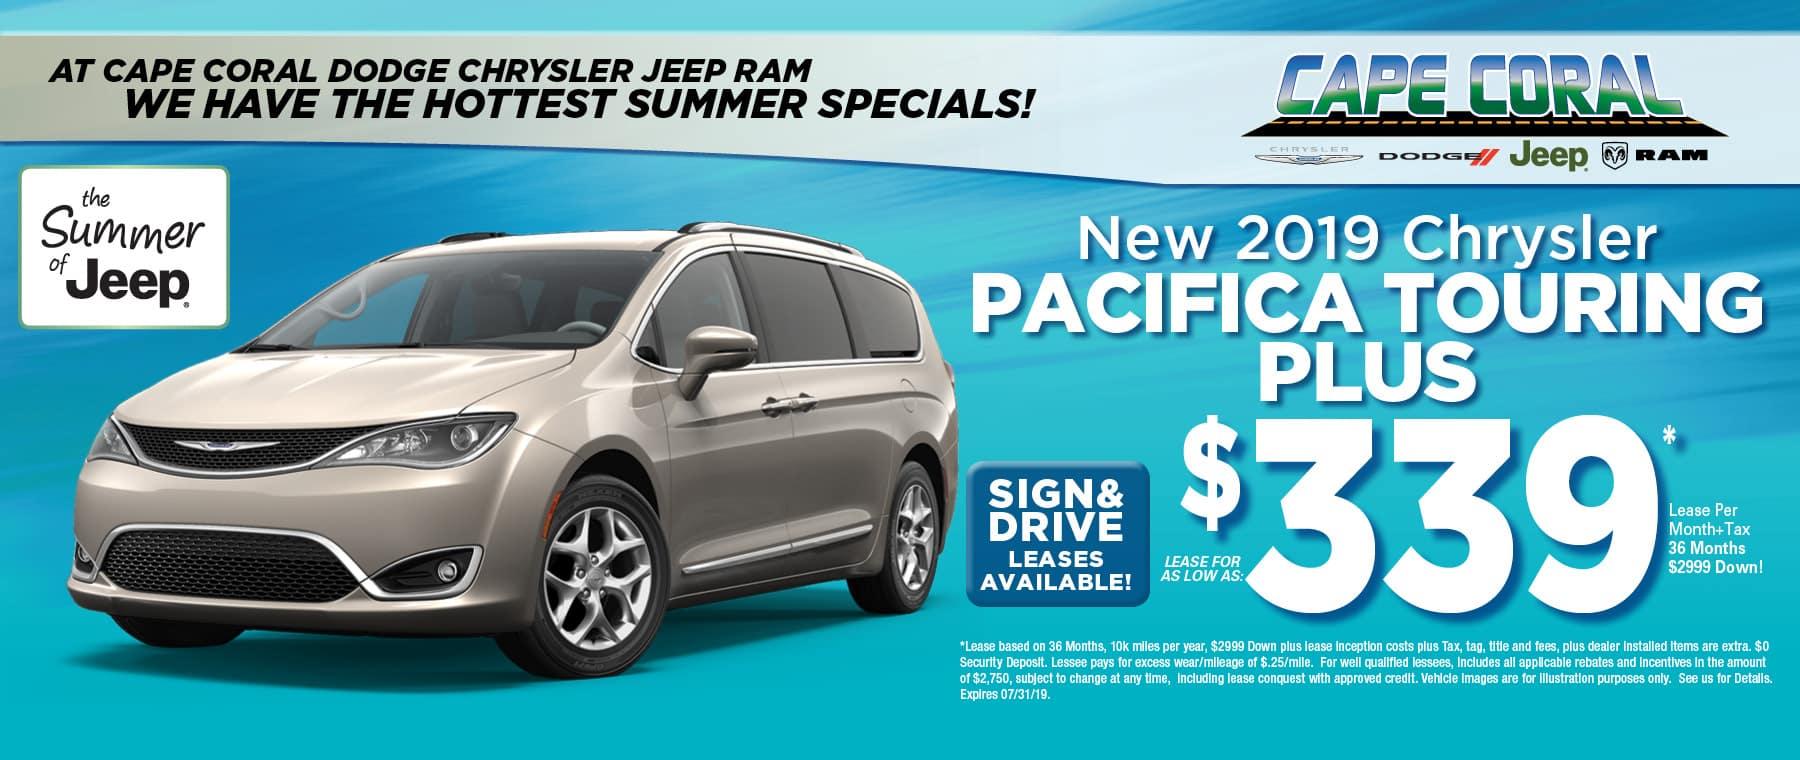 2019 Chrysler Pacificas!